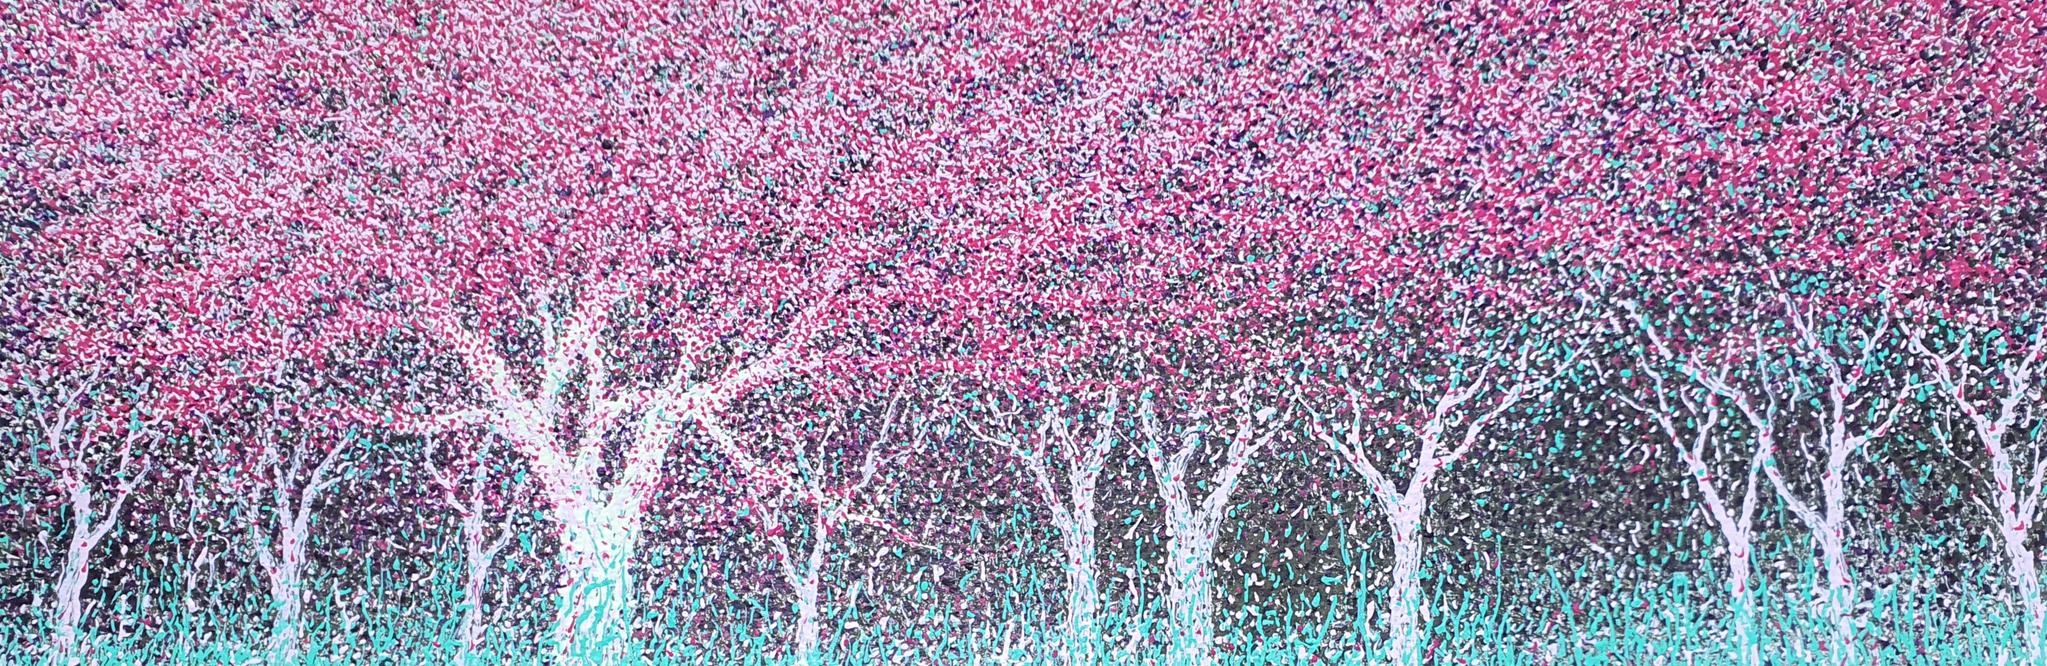 이현영, 나의 첫봄, acrylic on paper, 132x38.8cm, 2021